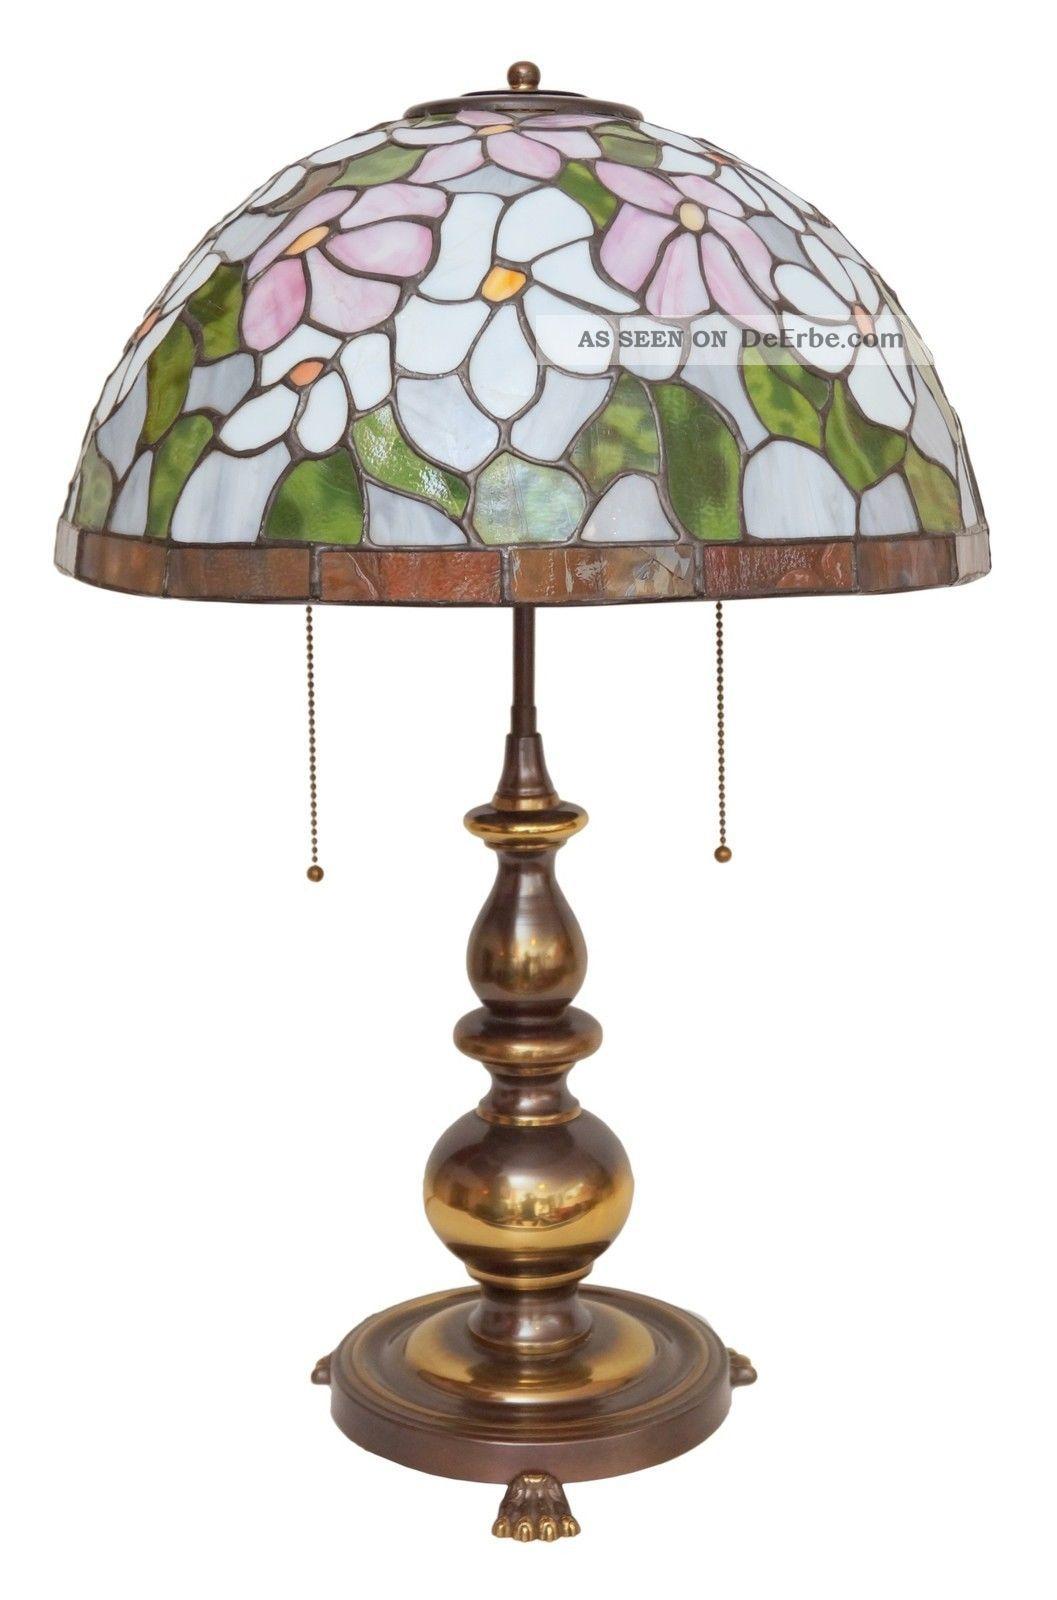 Sehr Schwere Große Tiffany Jugendstil Salon Tischlampe Messing Angebot Gefertigt nach 1945 Bild